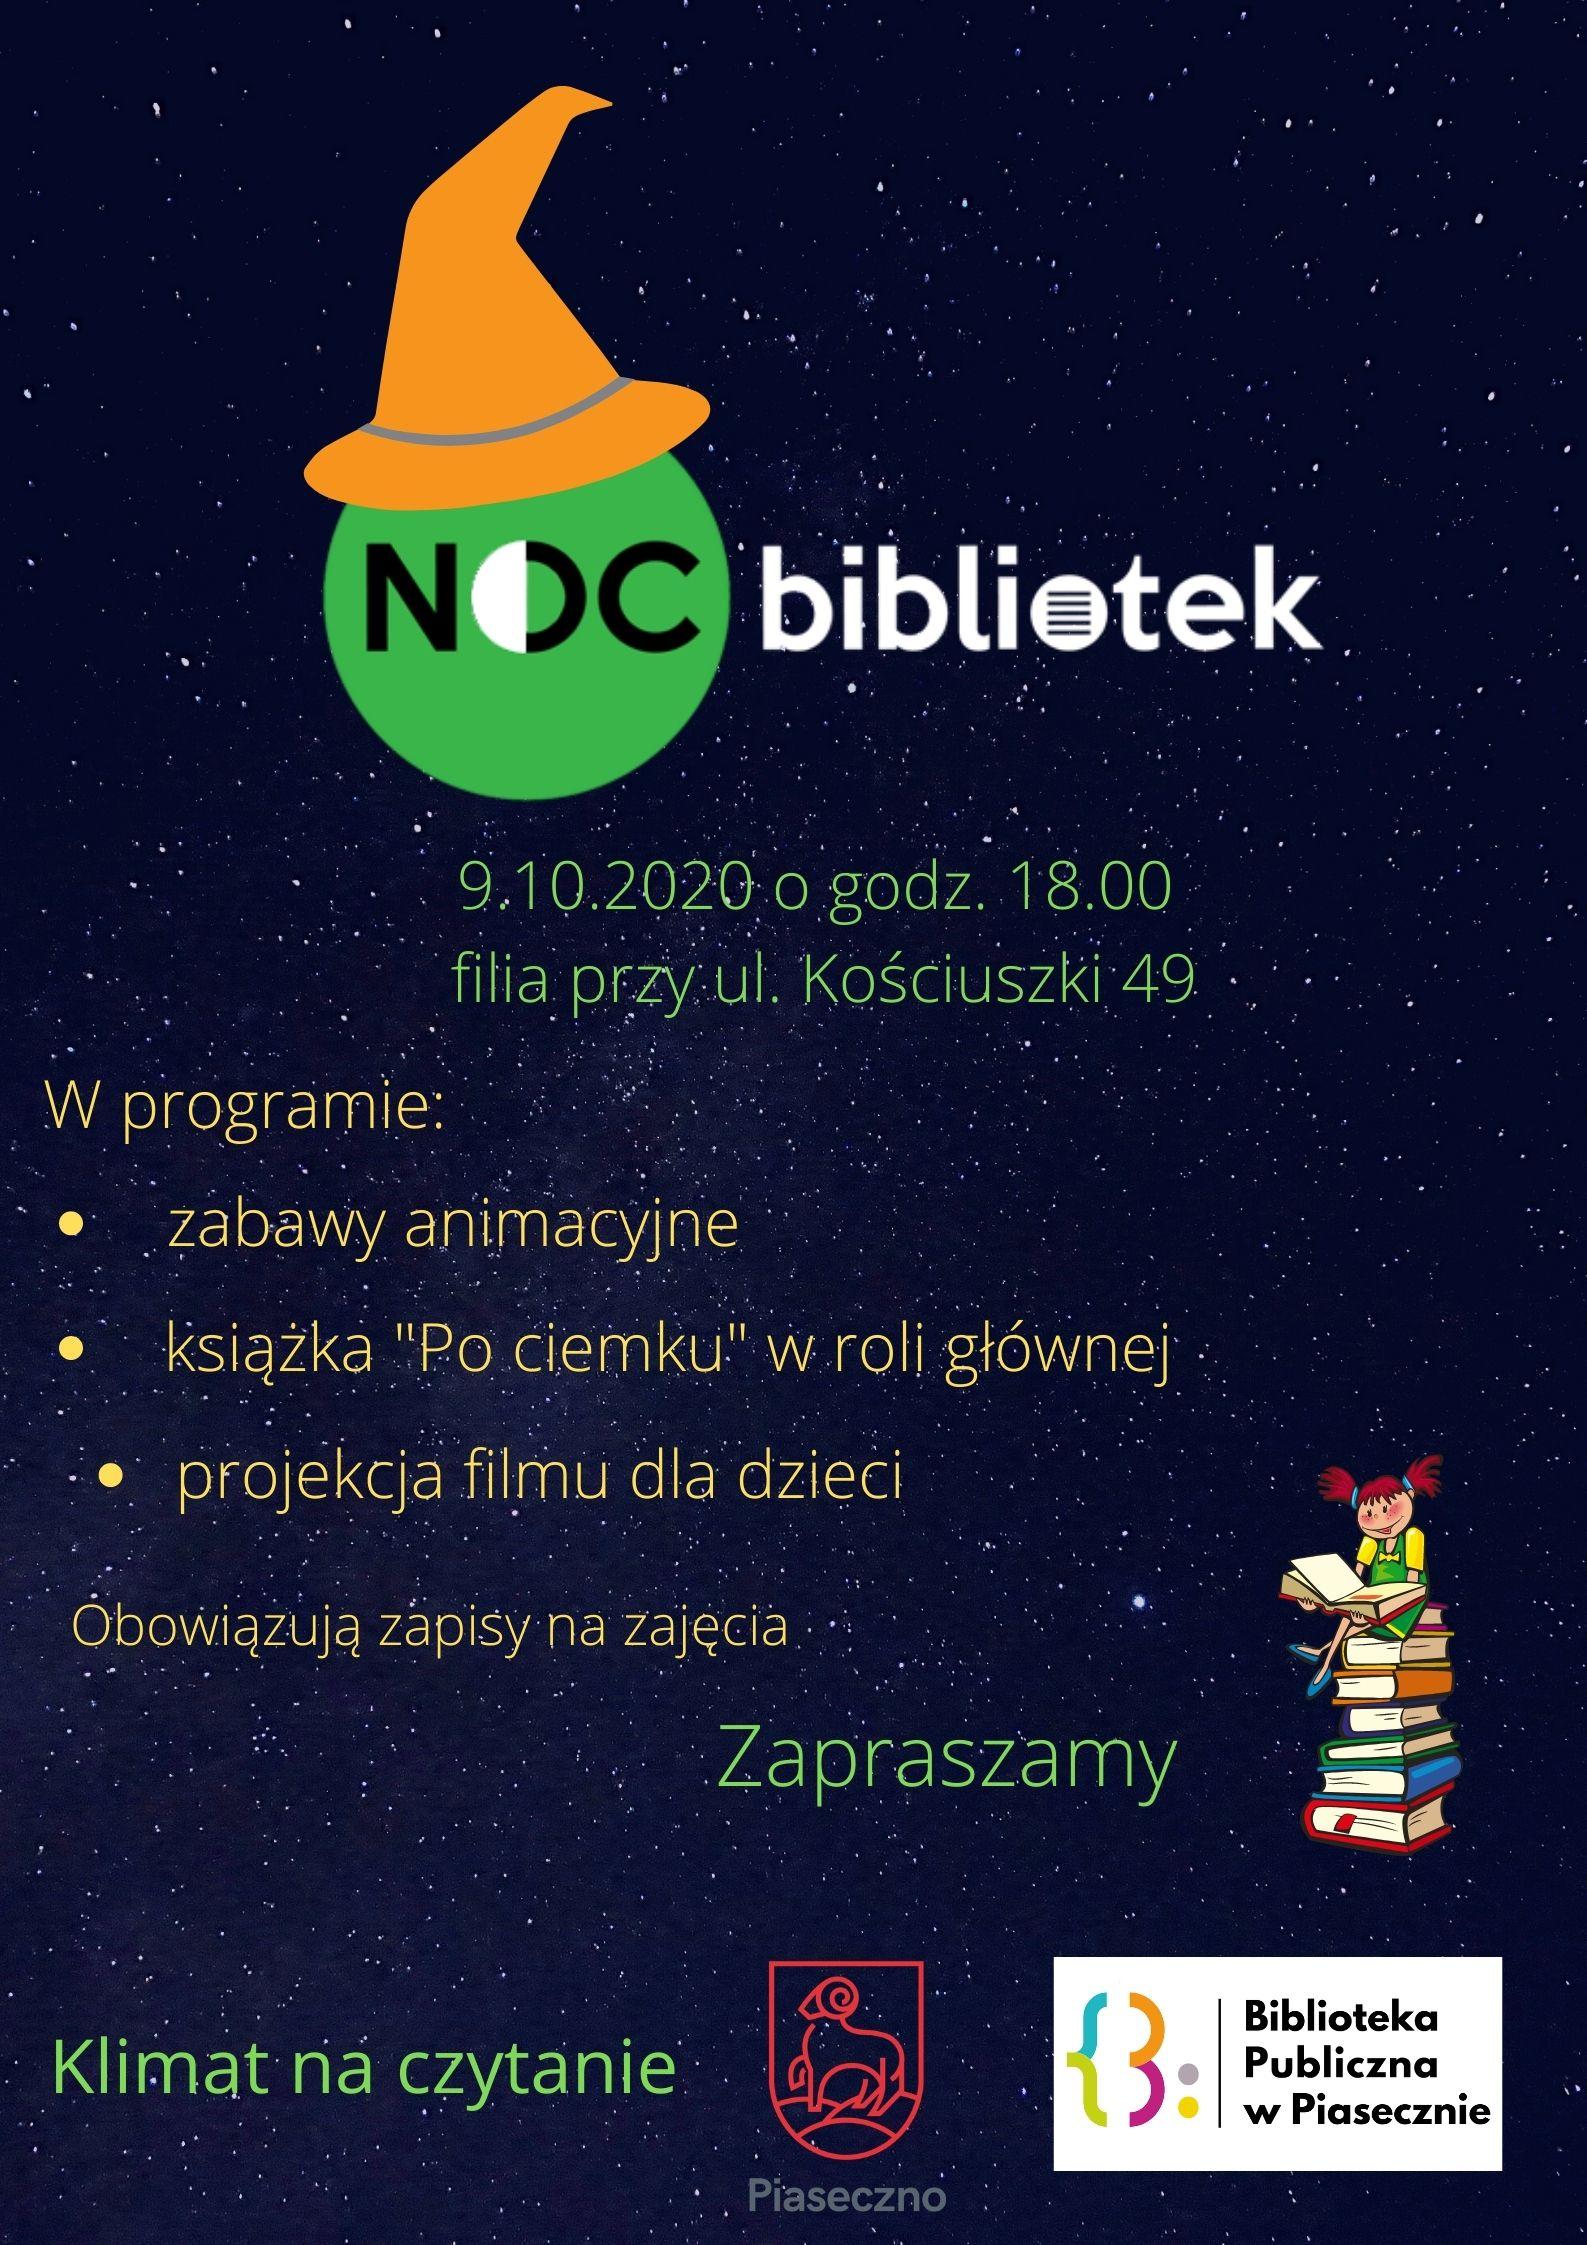 Plakat promujący wydarzenie: Noc Bibliotek